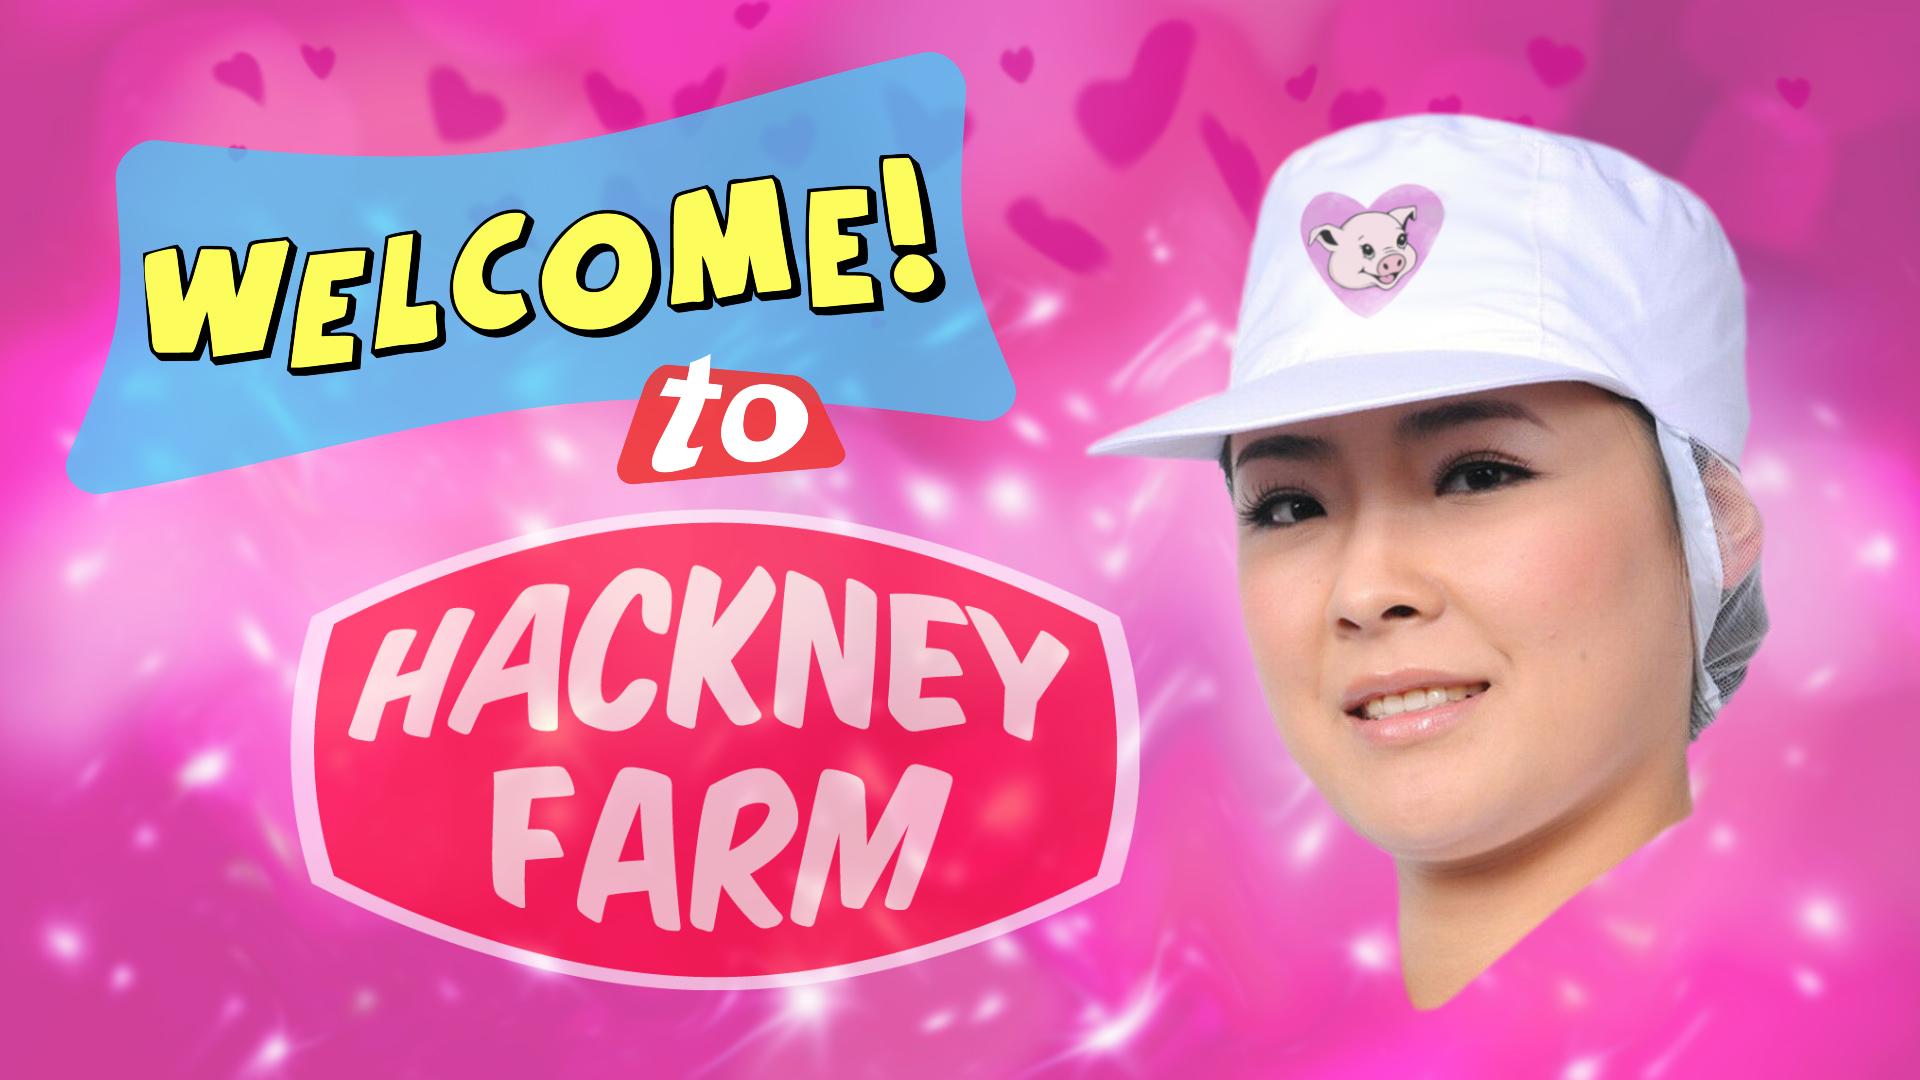 Michael Croft | Hackney City Farm | Hackney Farm | Artist